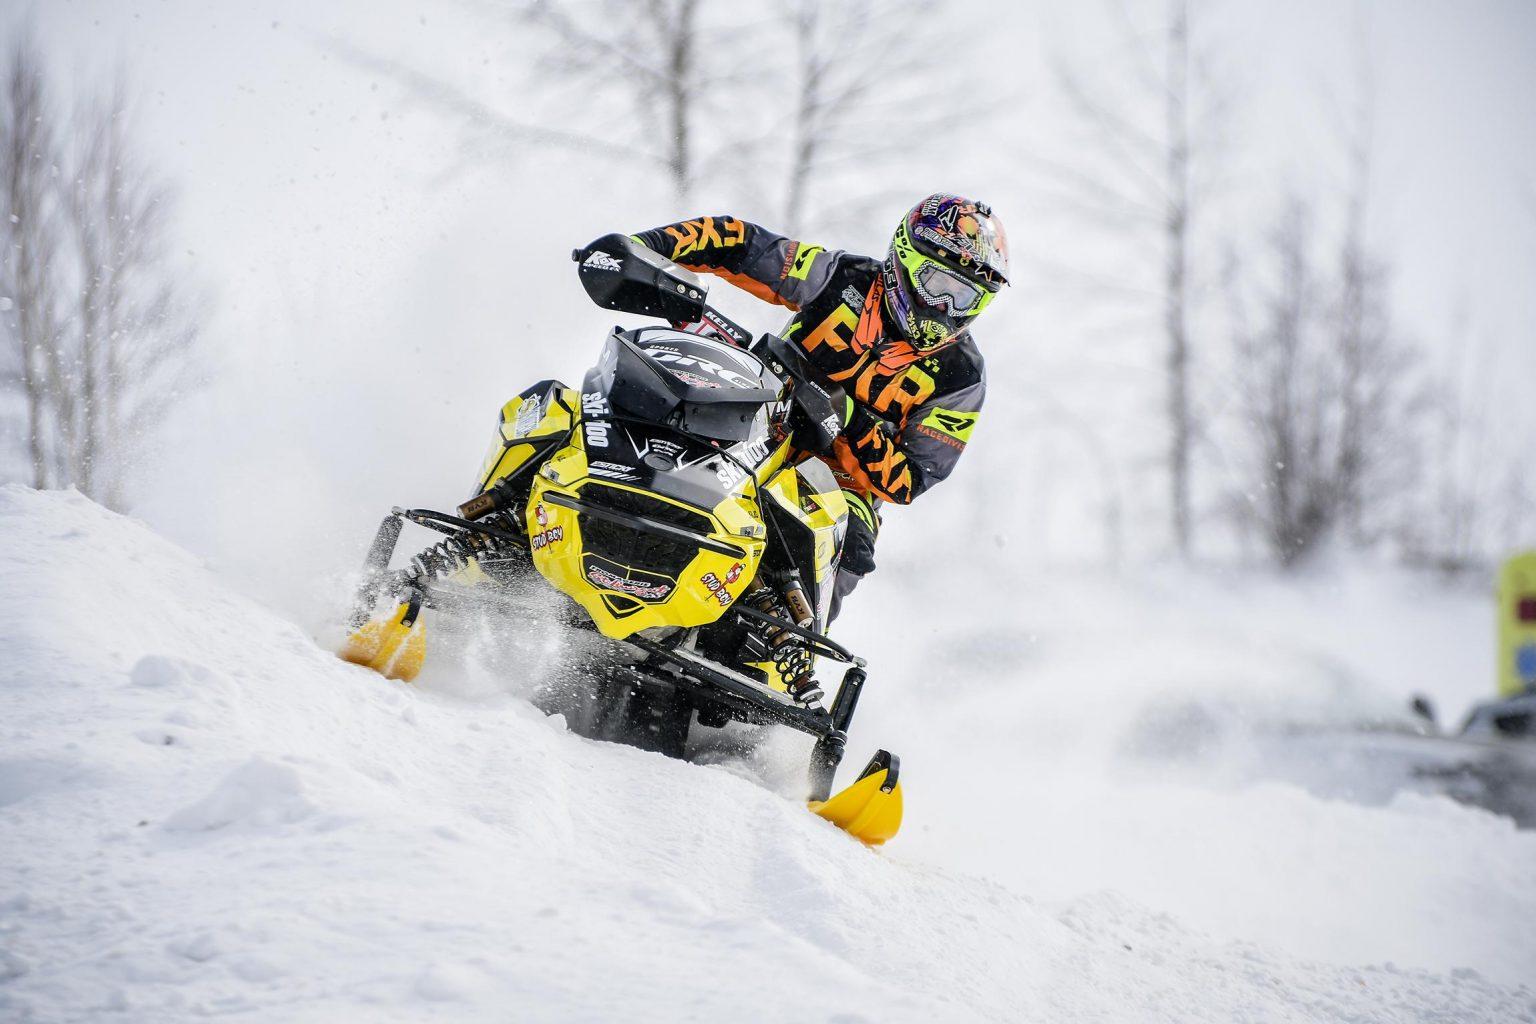 Le Championnat Provincial de Snocross SCMX prépare sa saison 2021